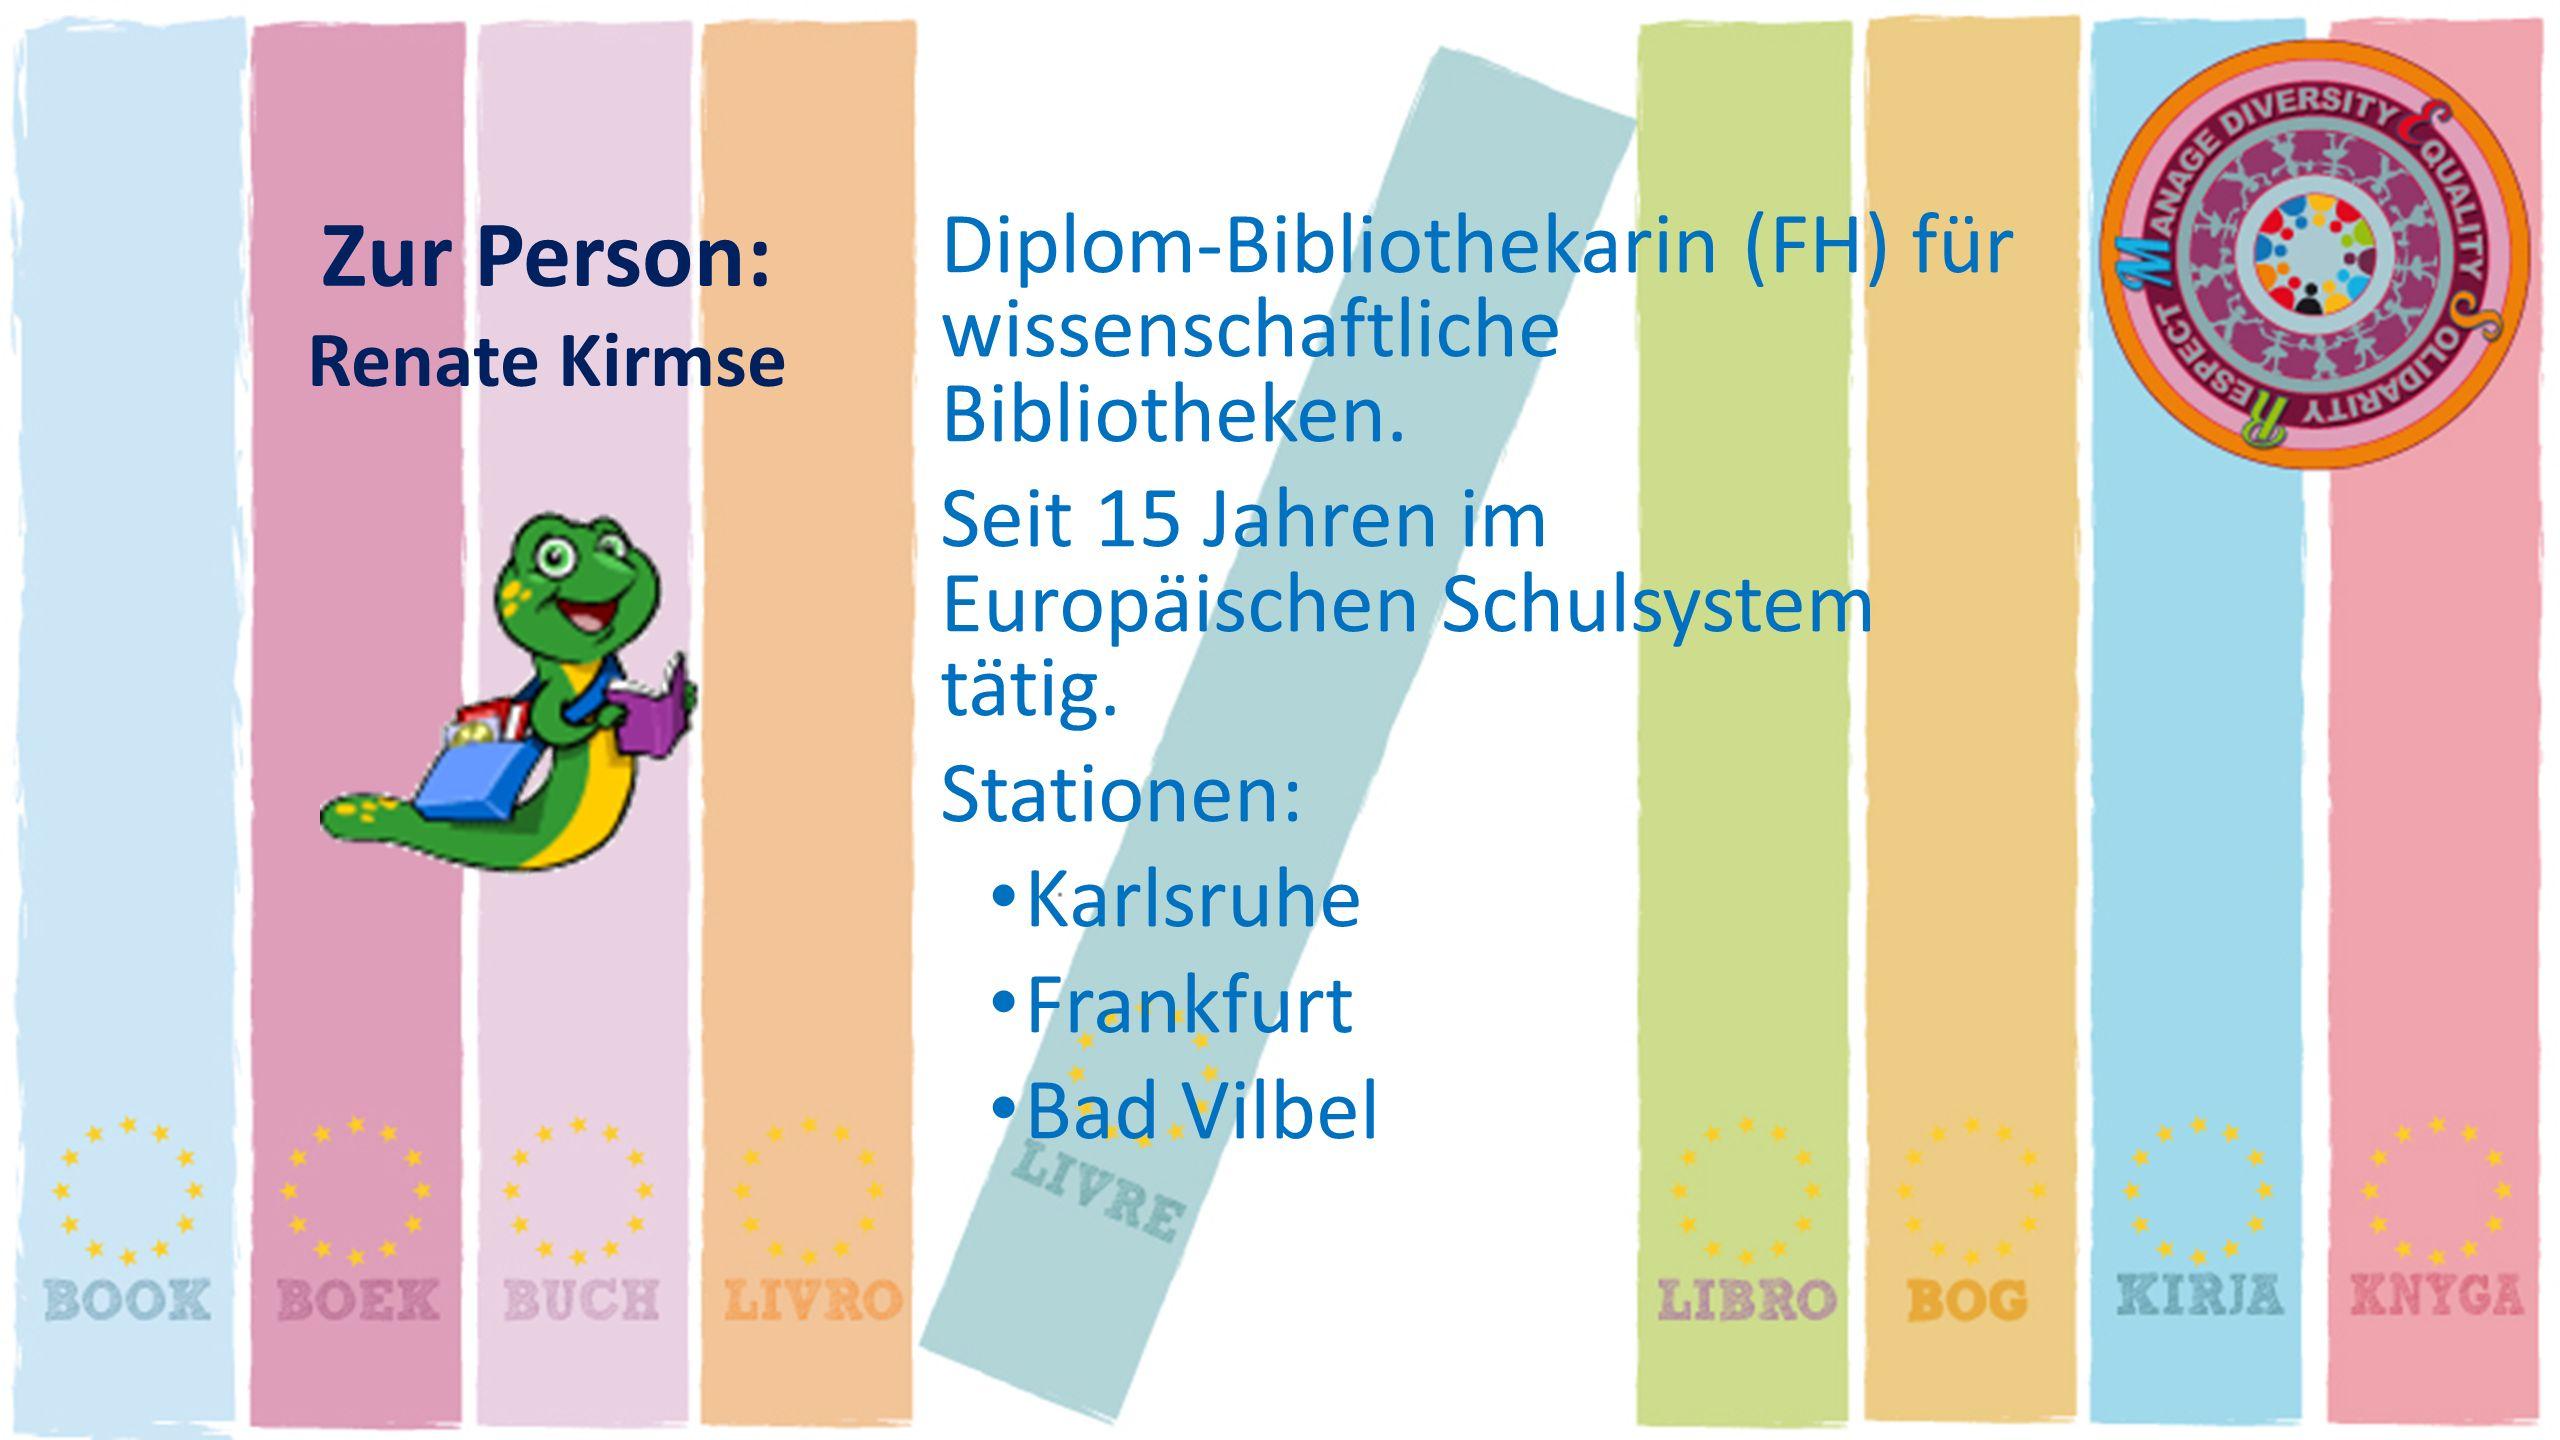 Diplom-Bibliothekarin (FH) für wissenschaftliche Bibliotheken.